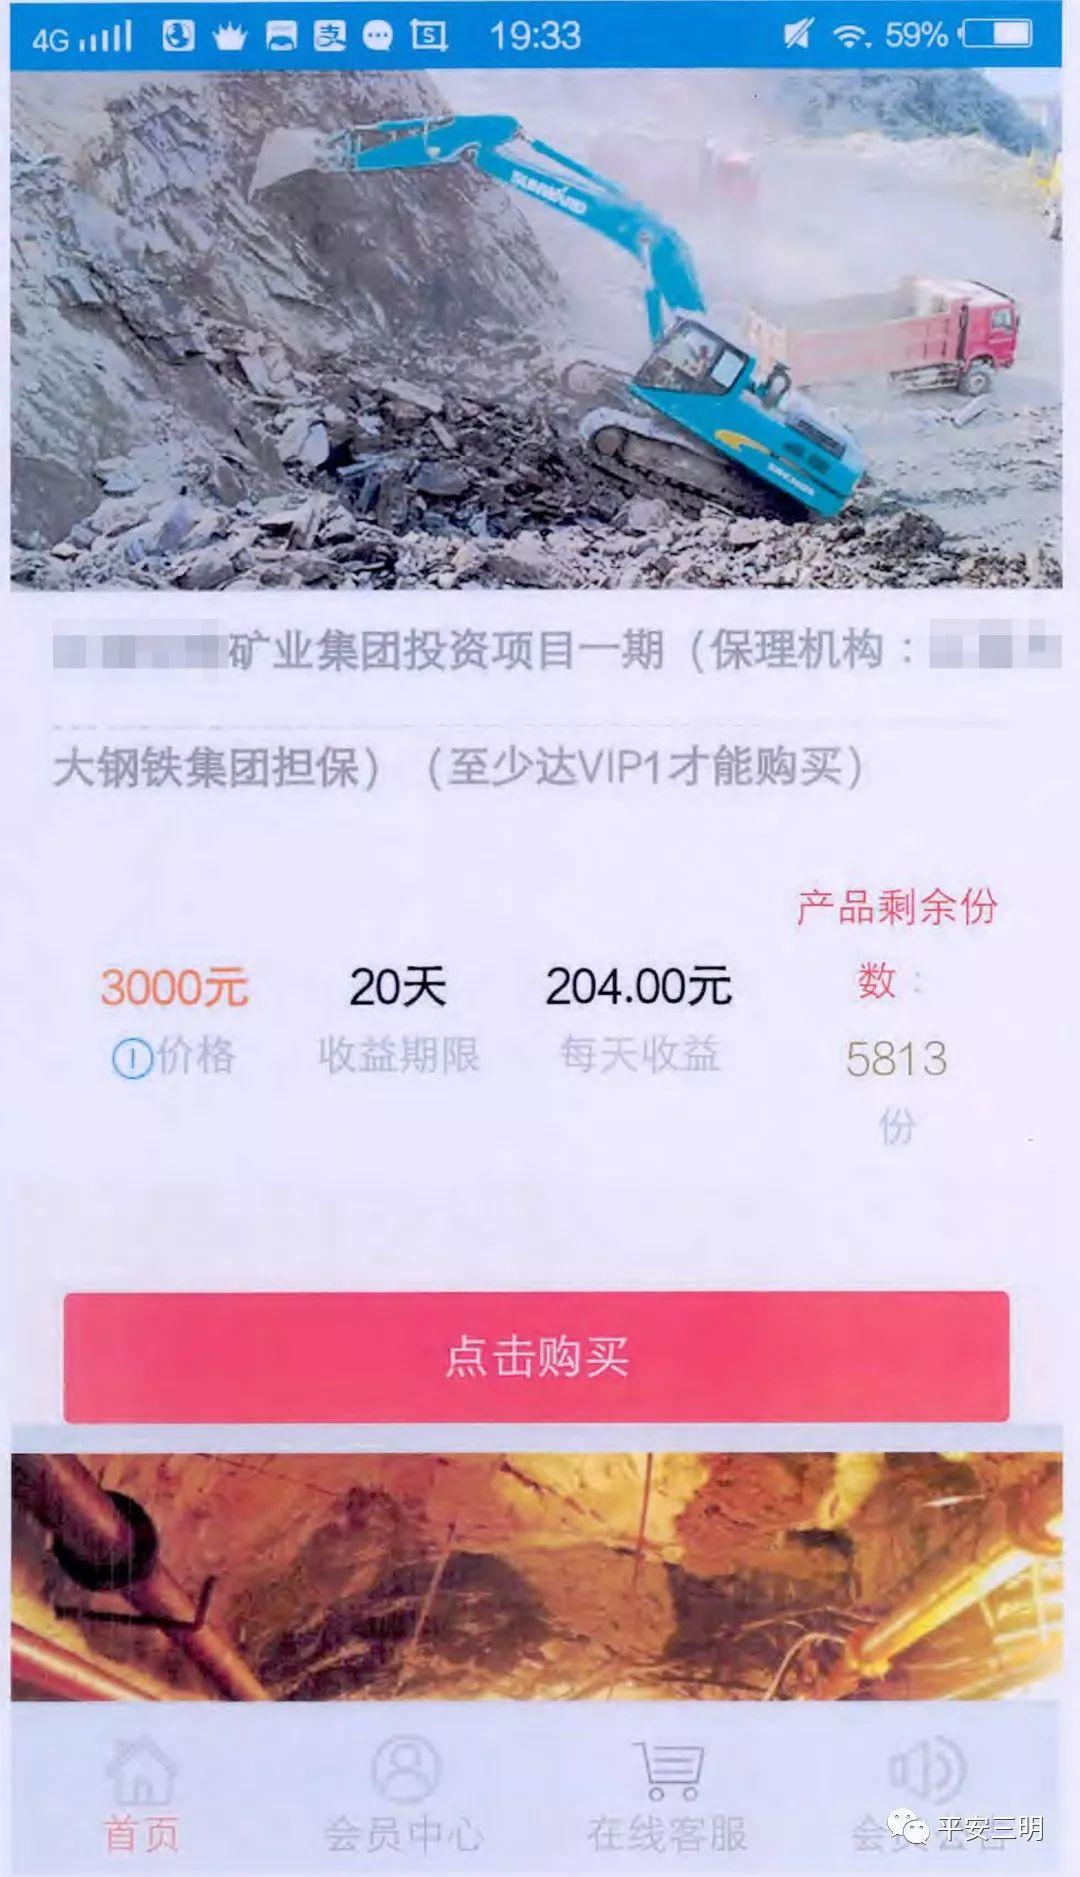 好友推荐,每日收益最高达9%!三明一女子8万元有去无回